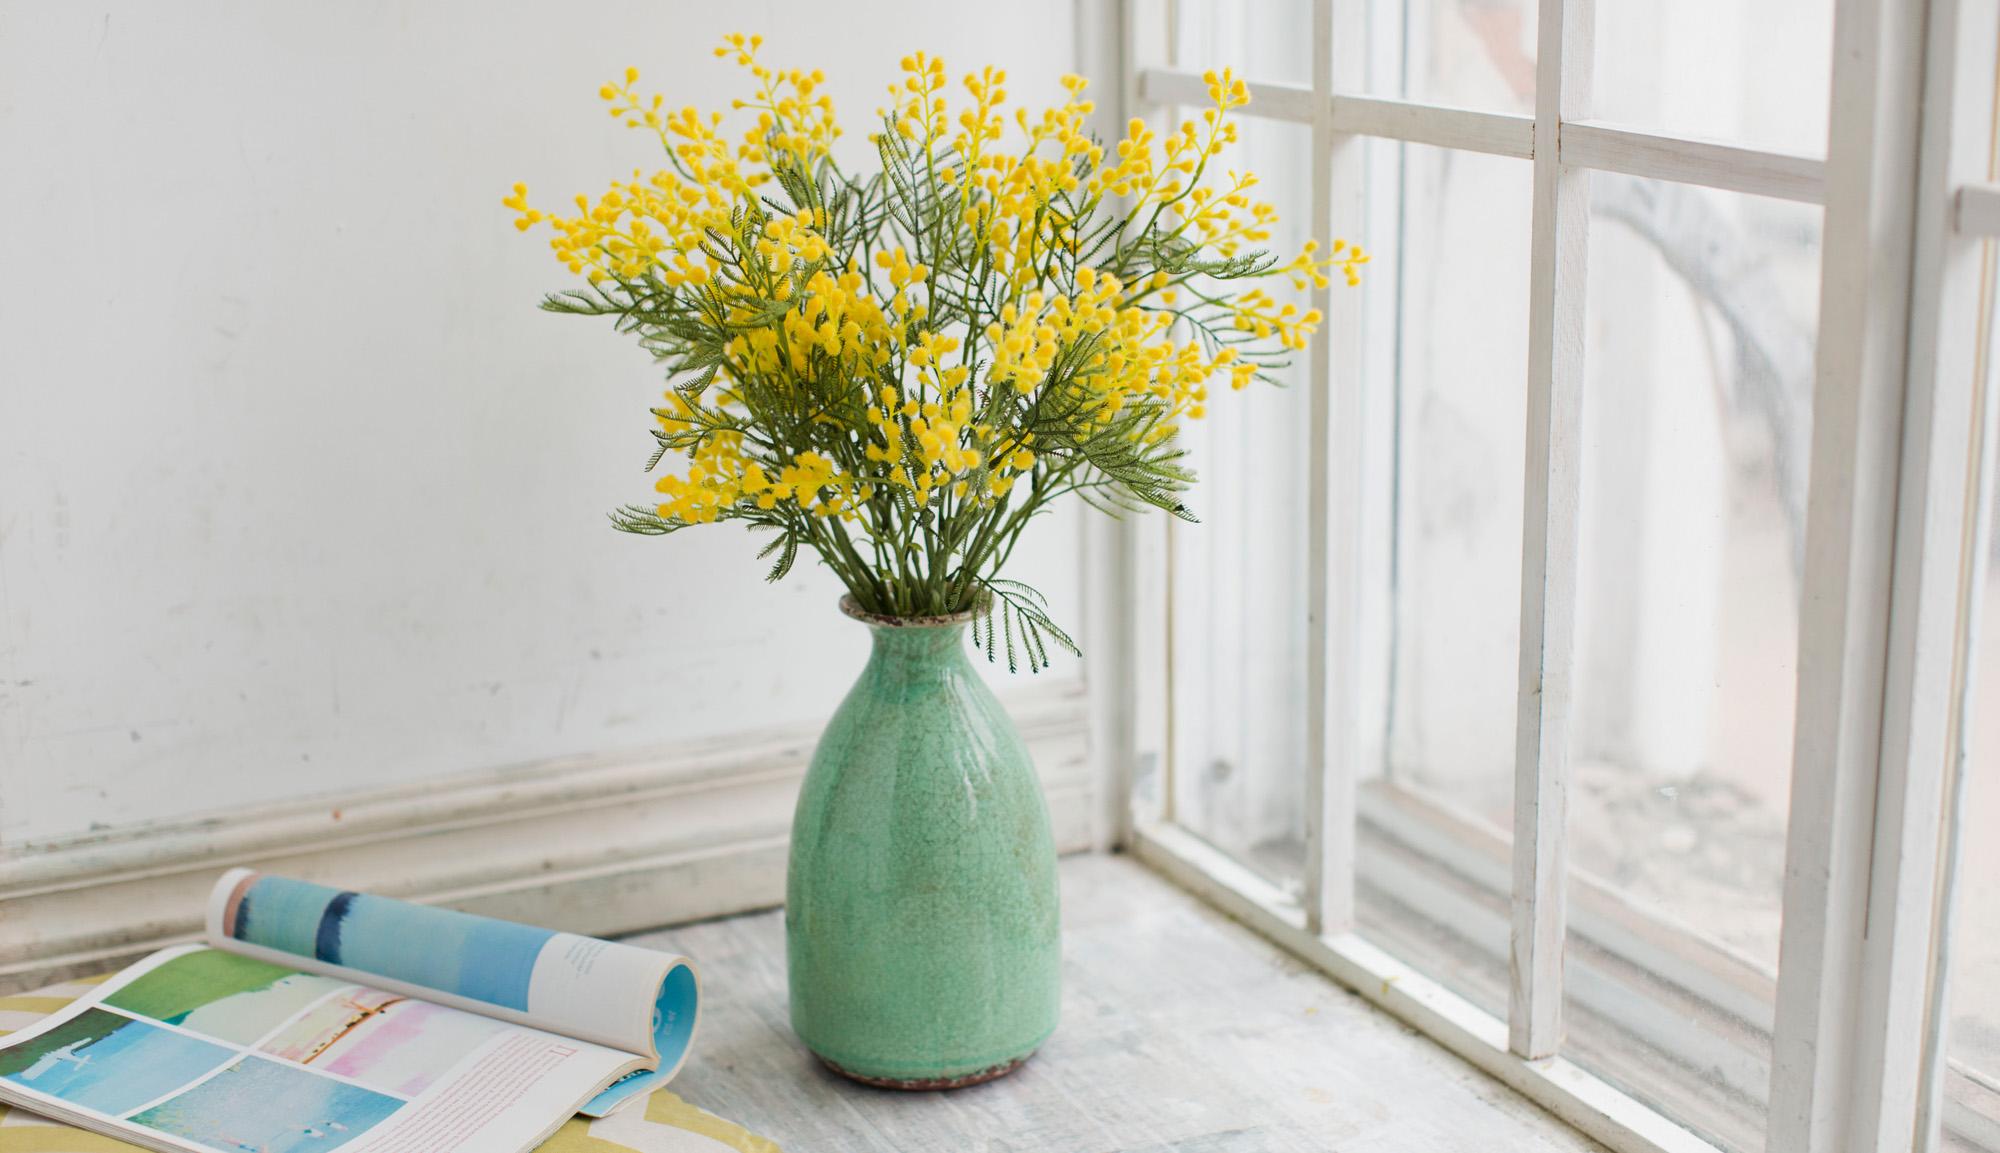 Купить Композиция из искусственных цветов - мимоза в вазе, inmyroom, Россия